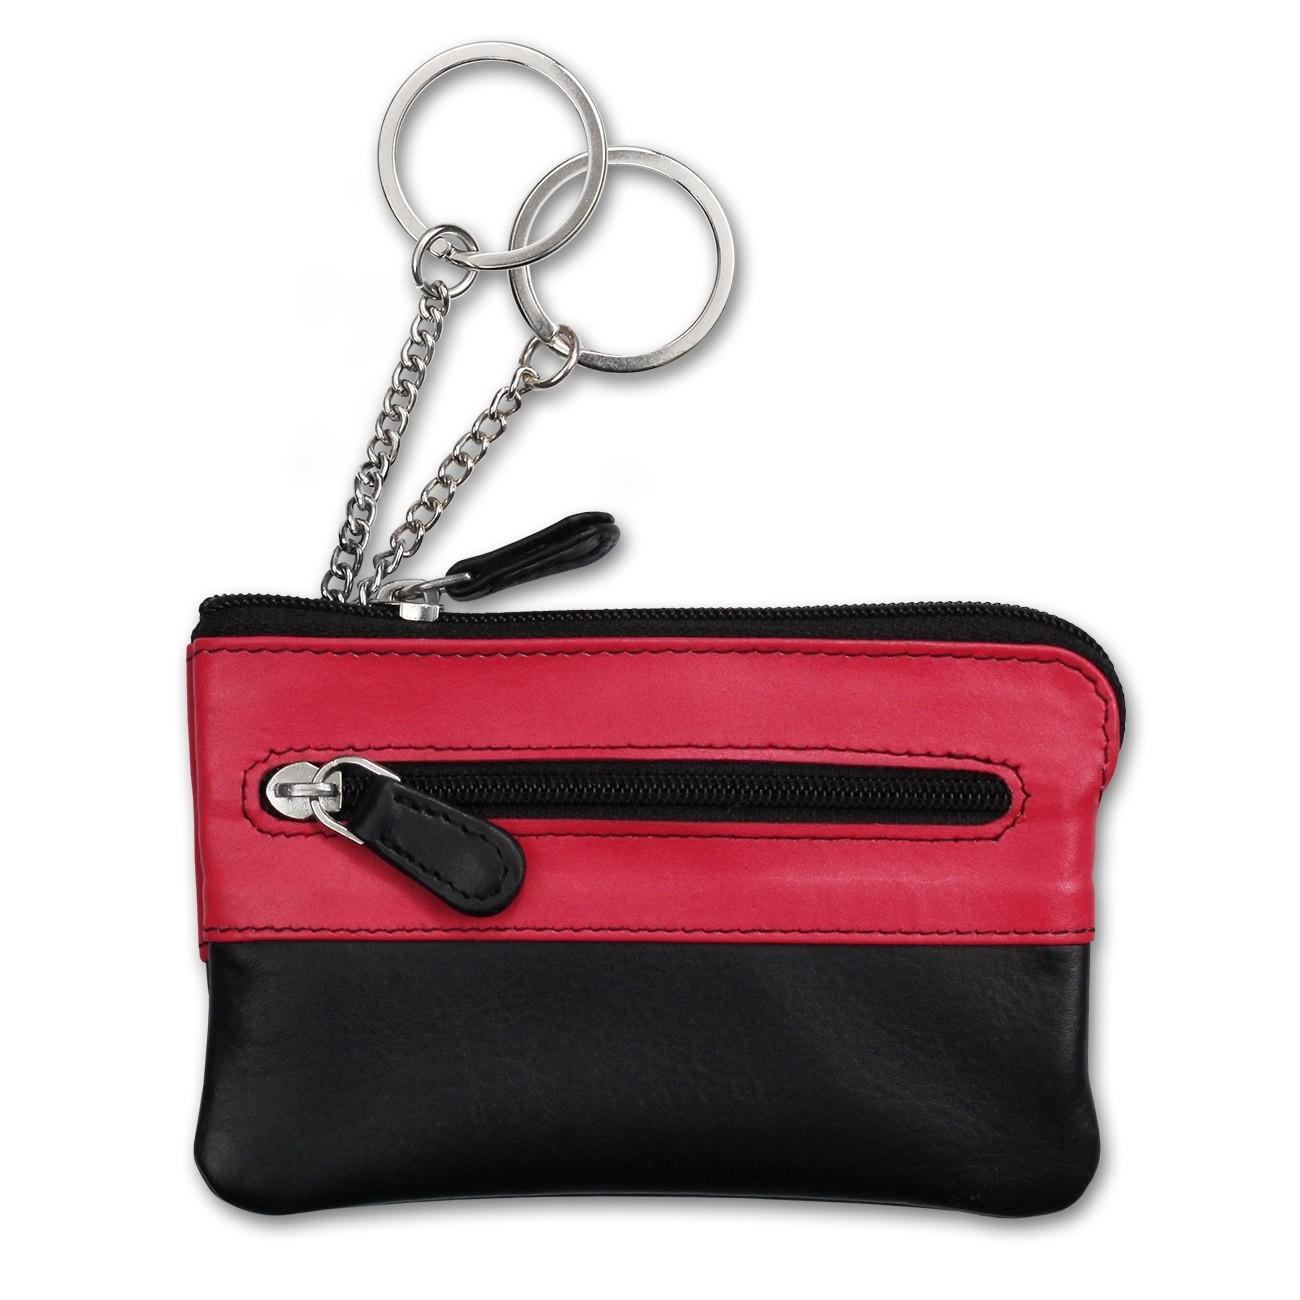 Schlüsseltasche Leder schwarz, pink Schlüsseletui Minibörse DrachenLeder OPS905P